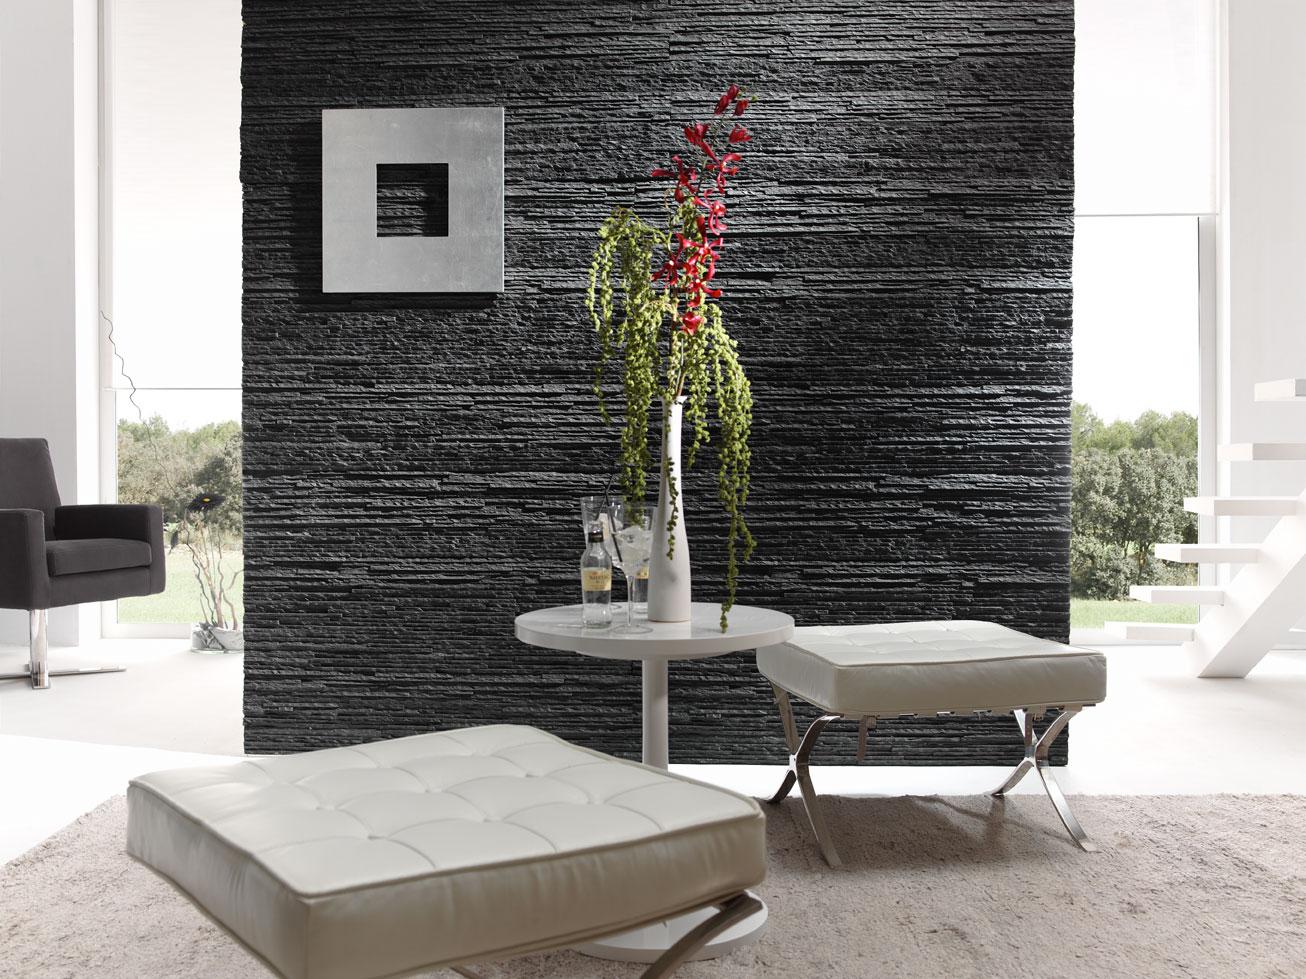 steinoptik onlineshop dekorative und stilvolle wandelemente. Black Bedroom Furniture Sets. Home Design Ideas